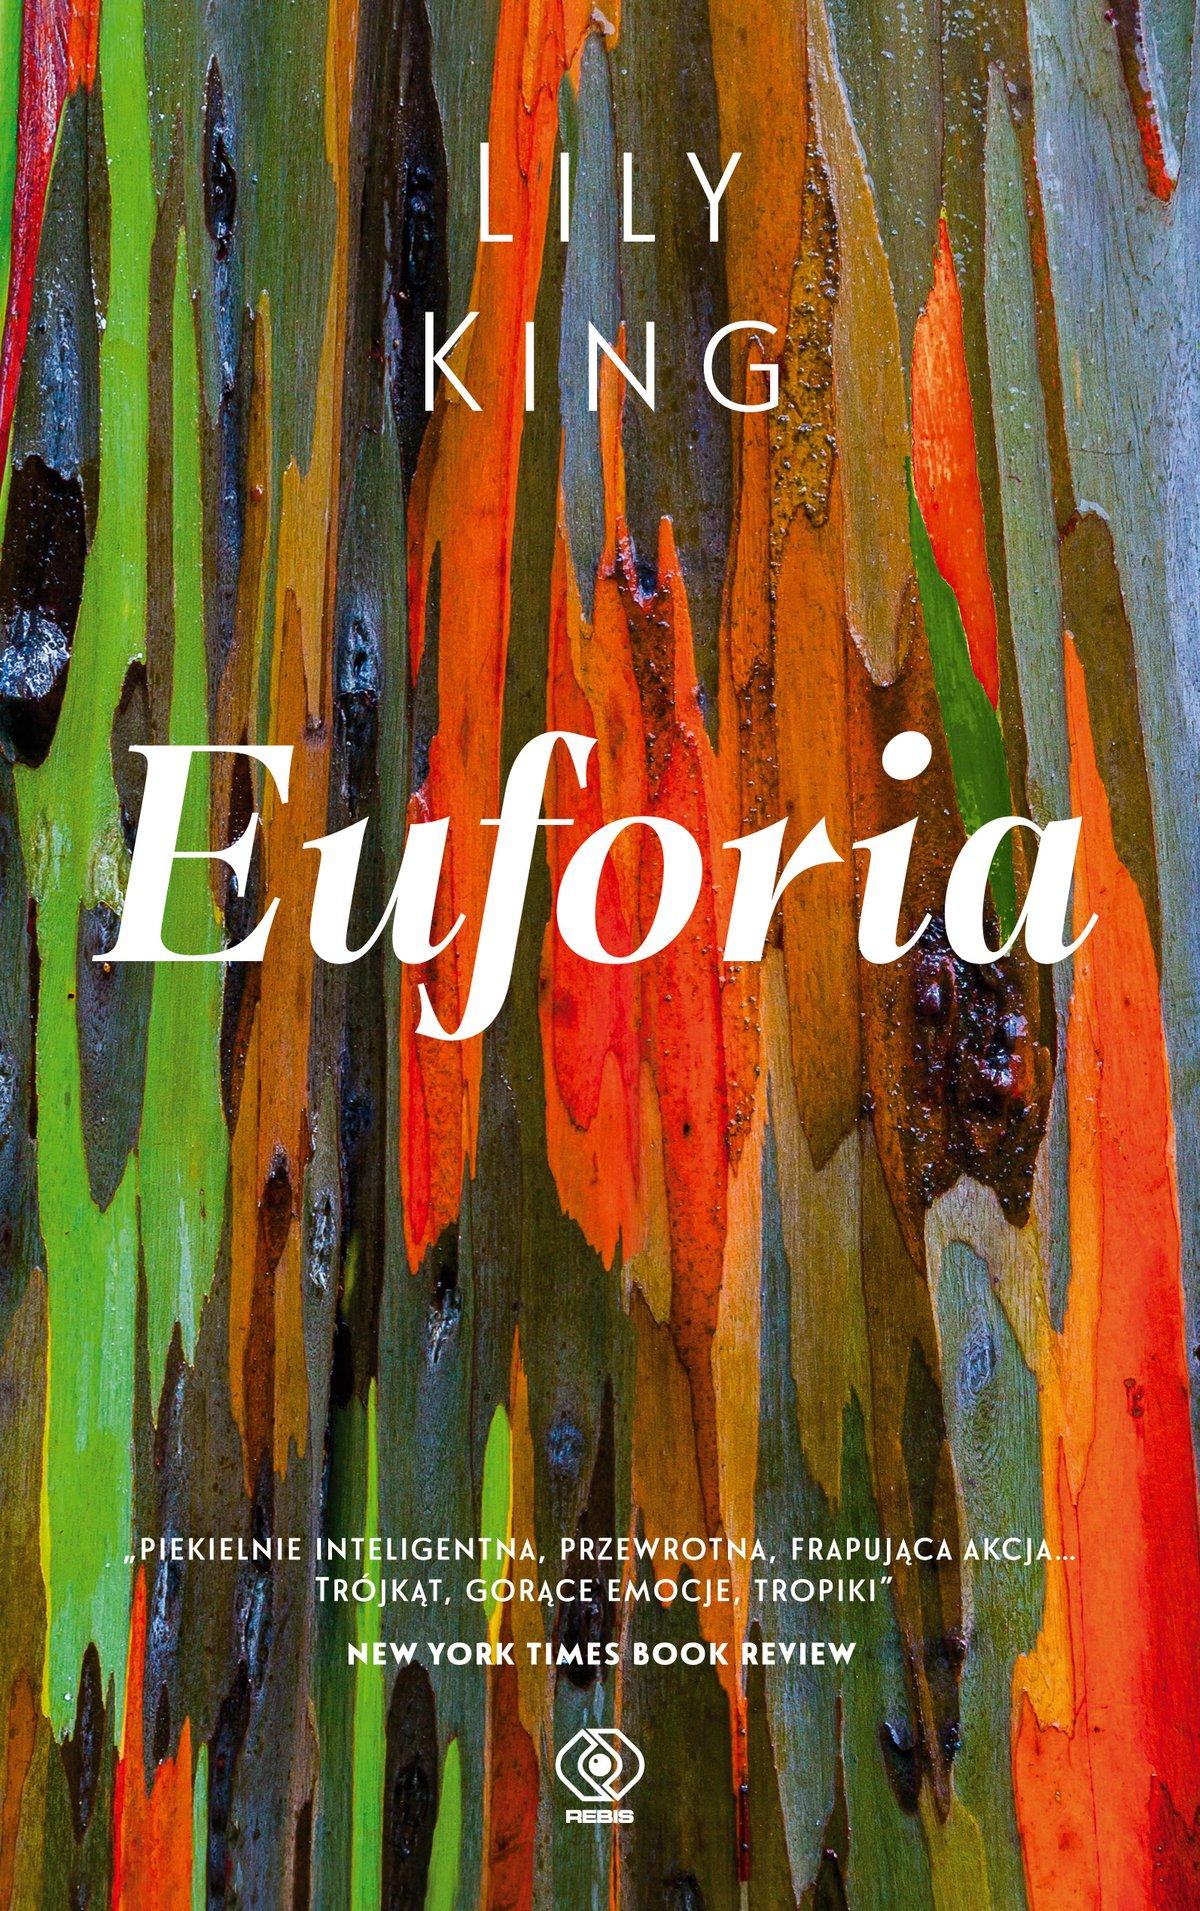 Euforia - Ebook (Książka na Kindle) do pobrania w formacie MOBI